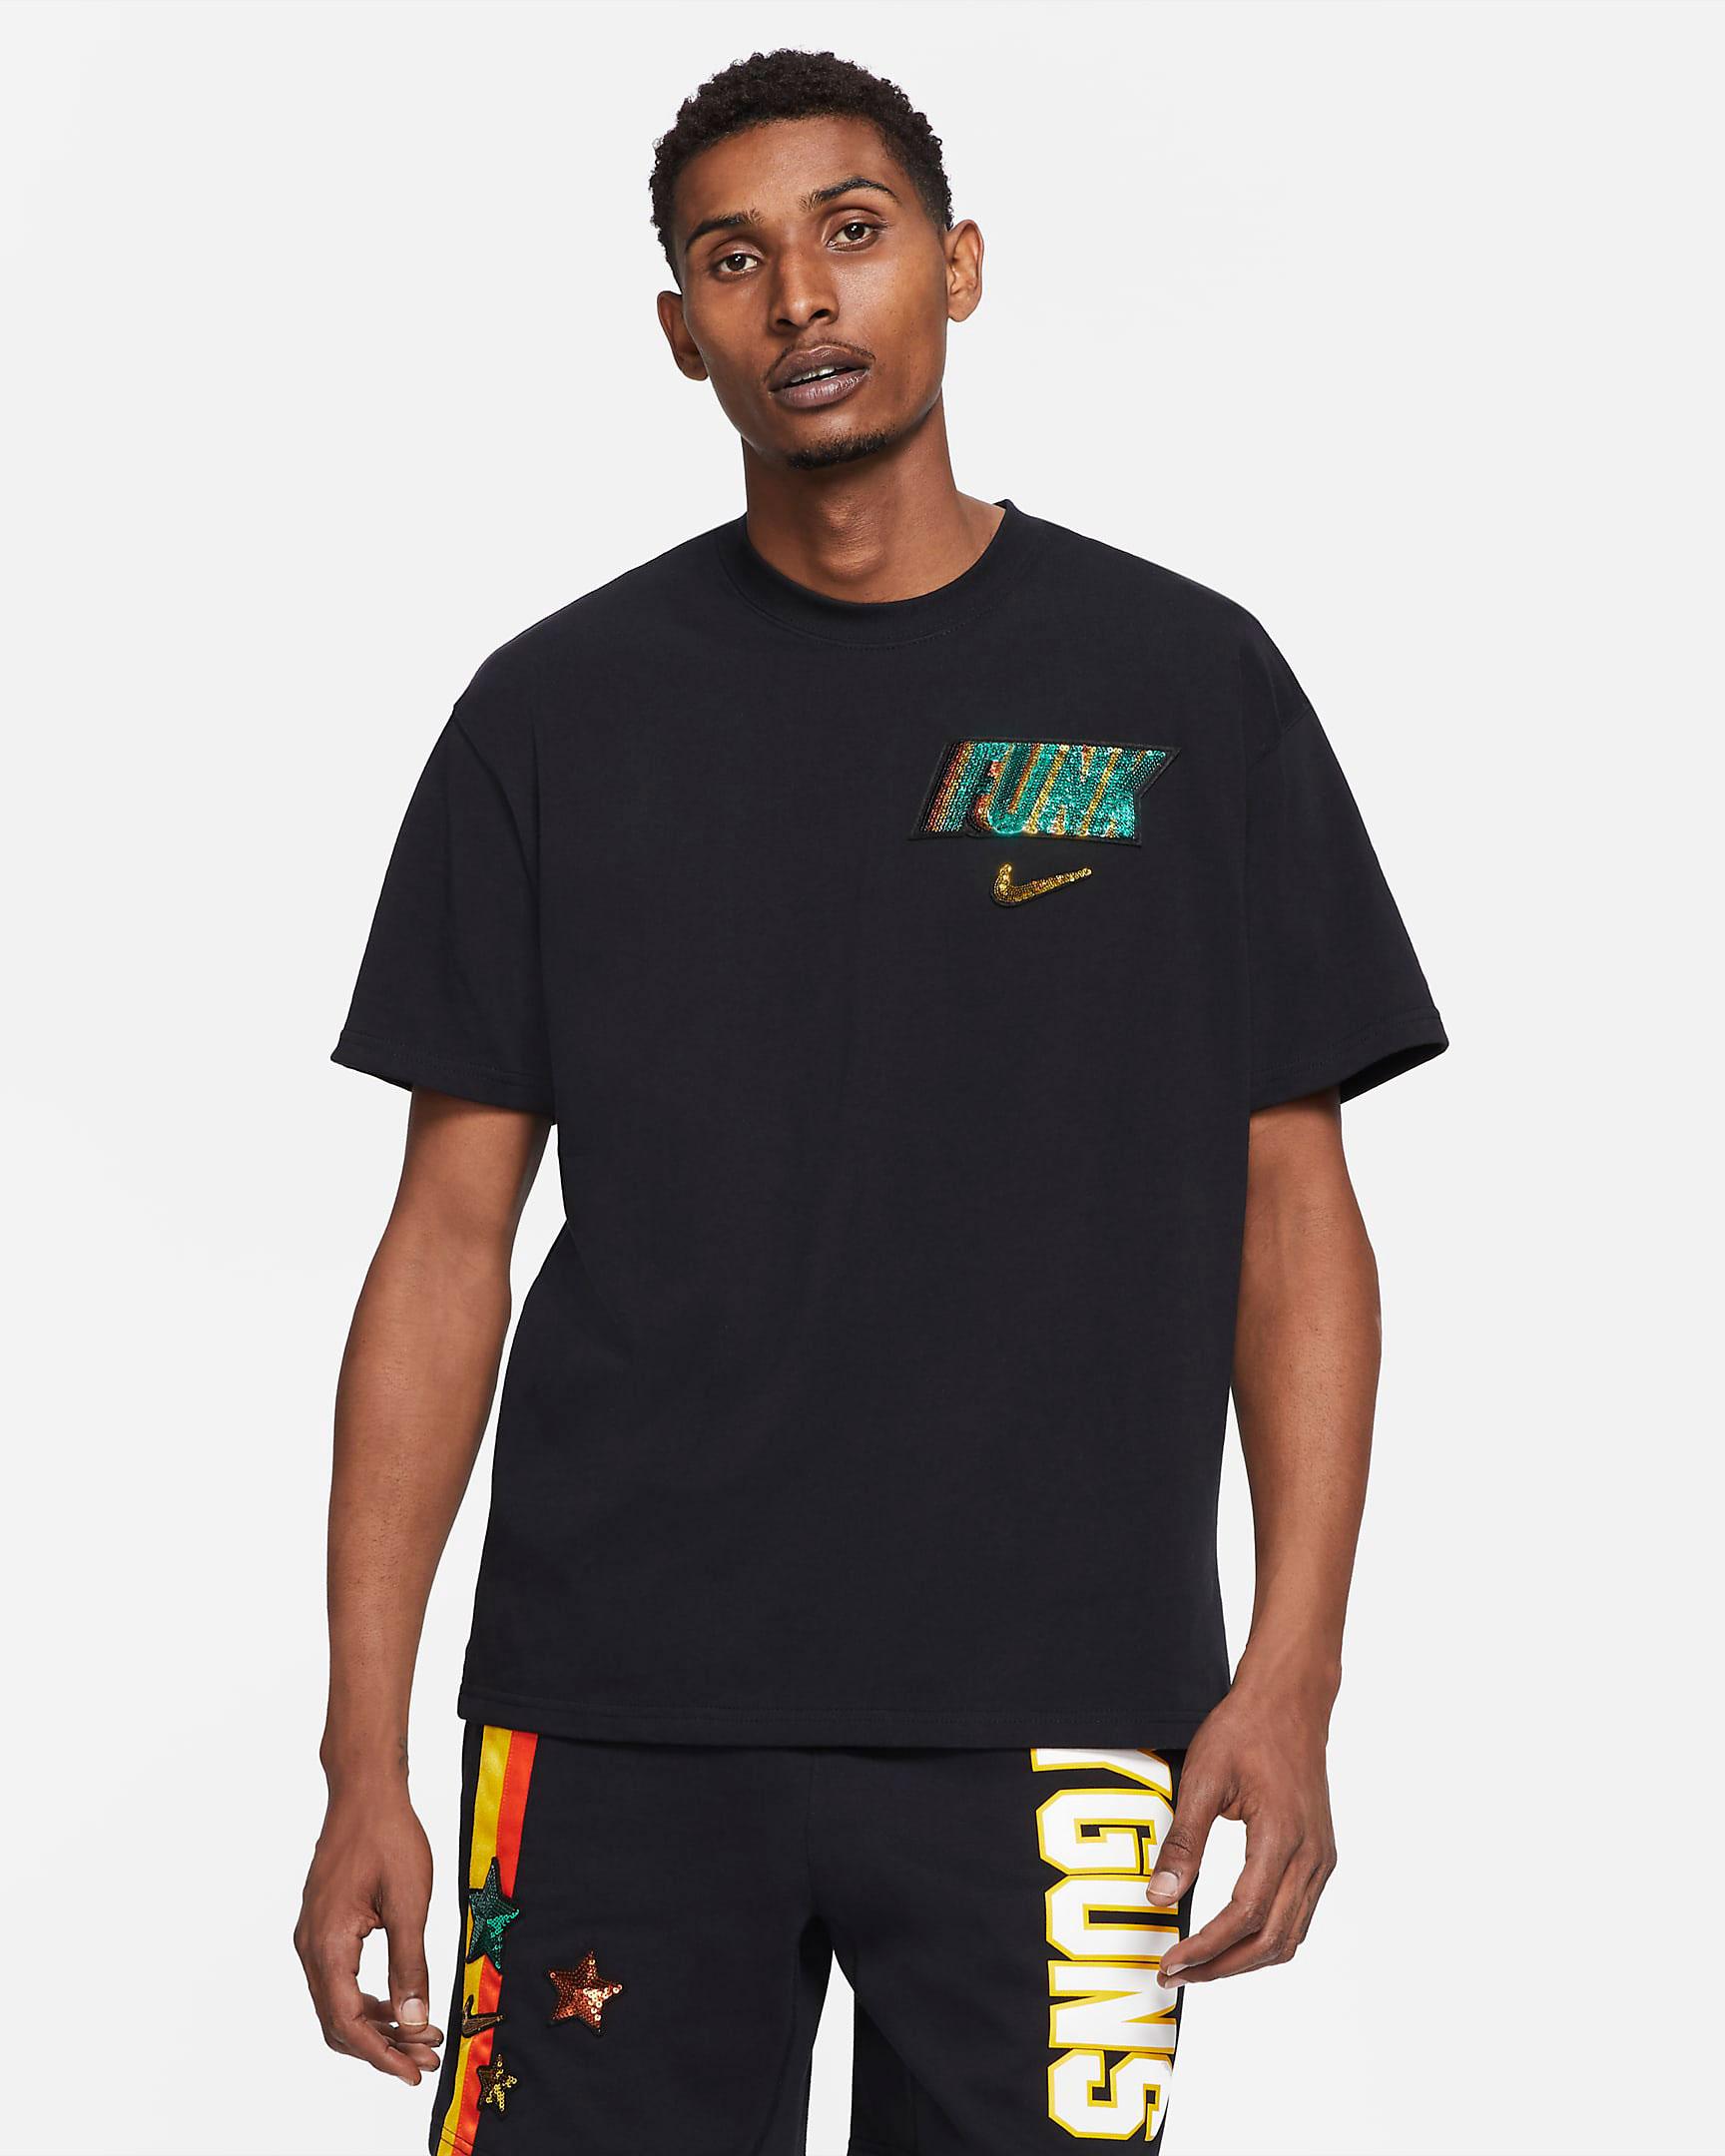 nike-roswell-rayguns-funk-black-shirt